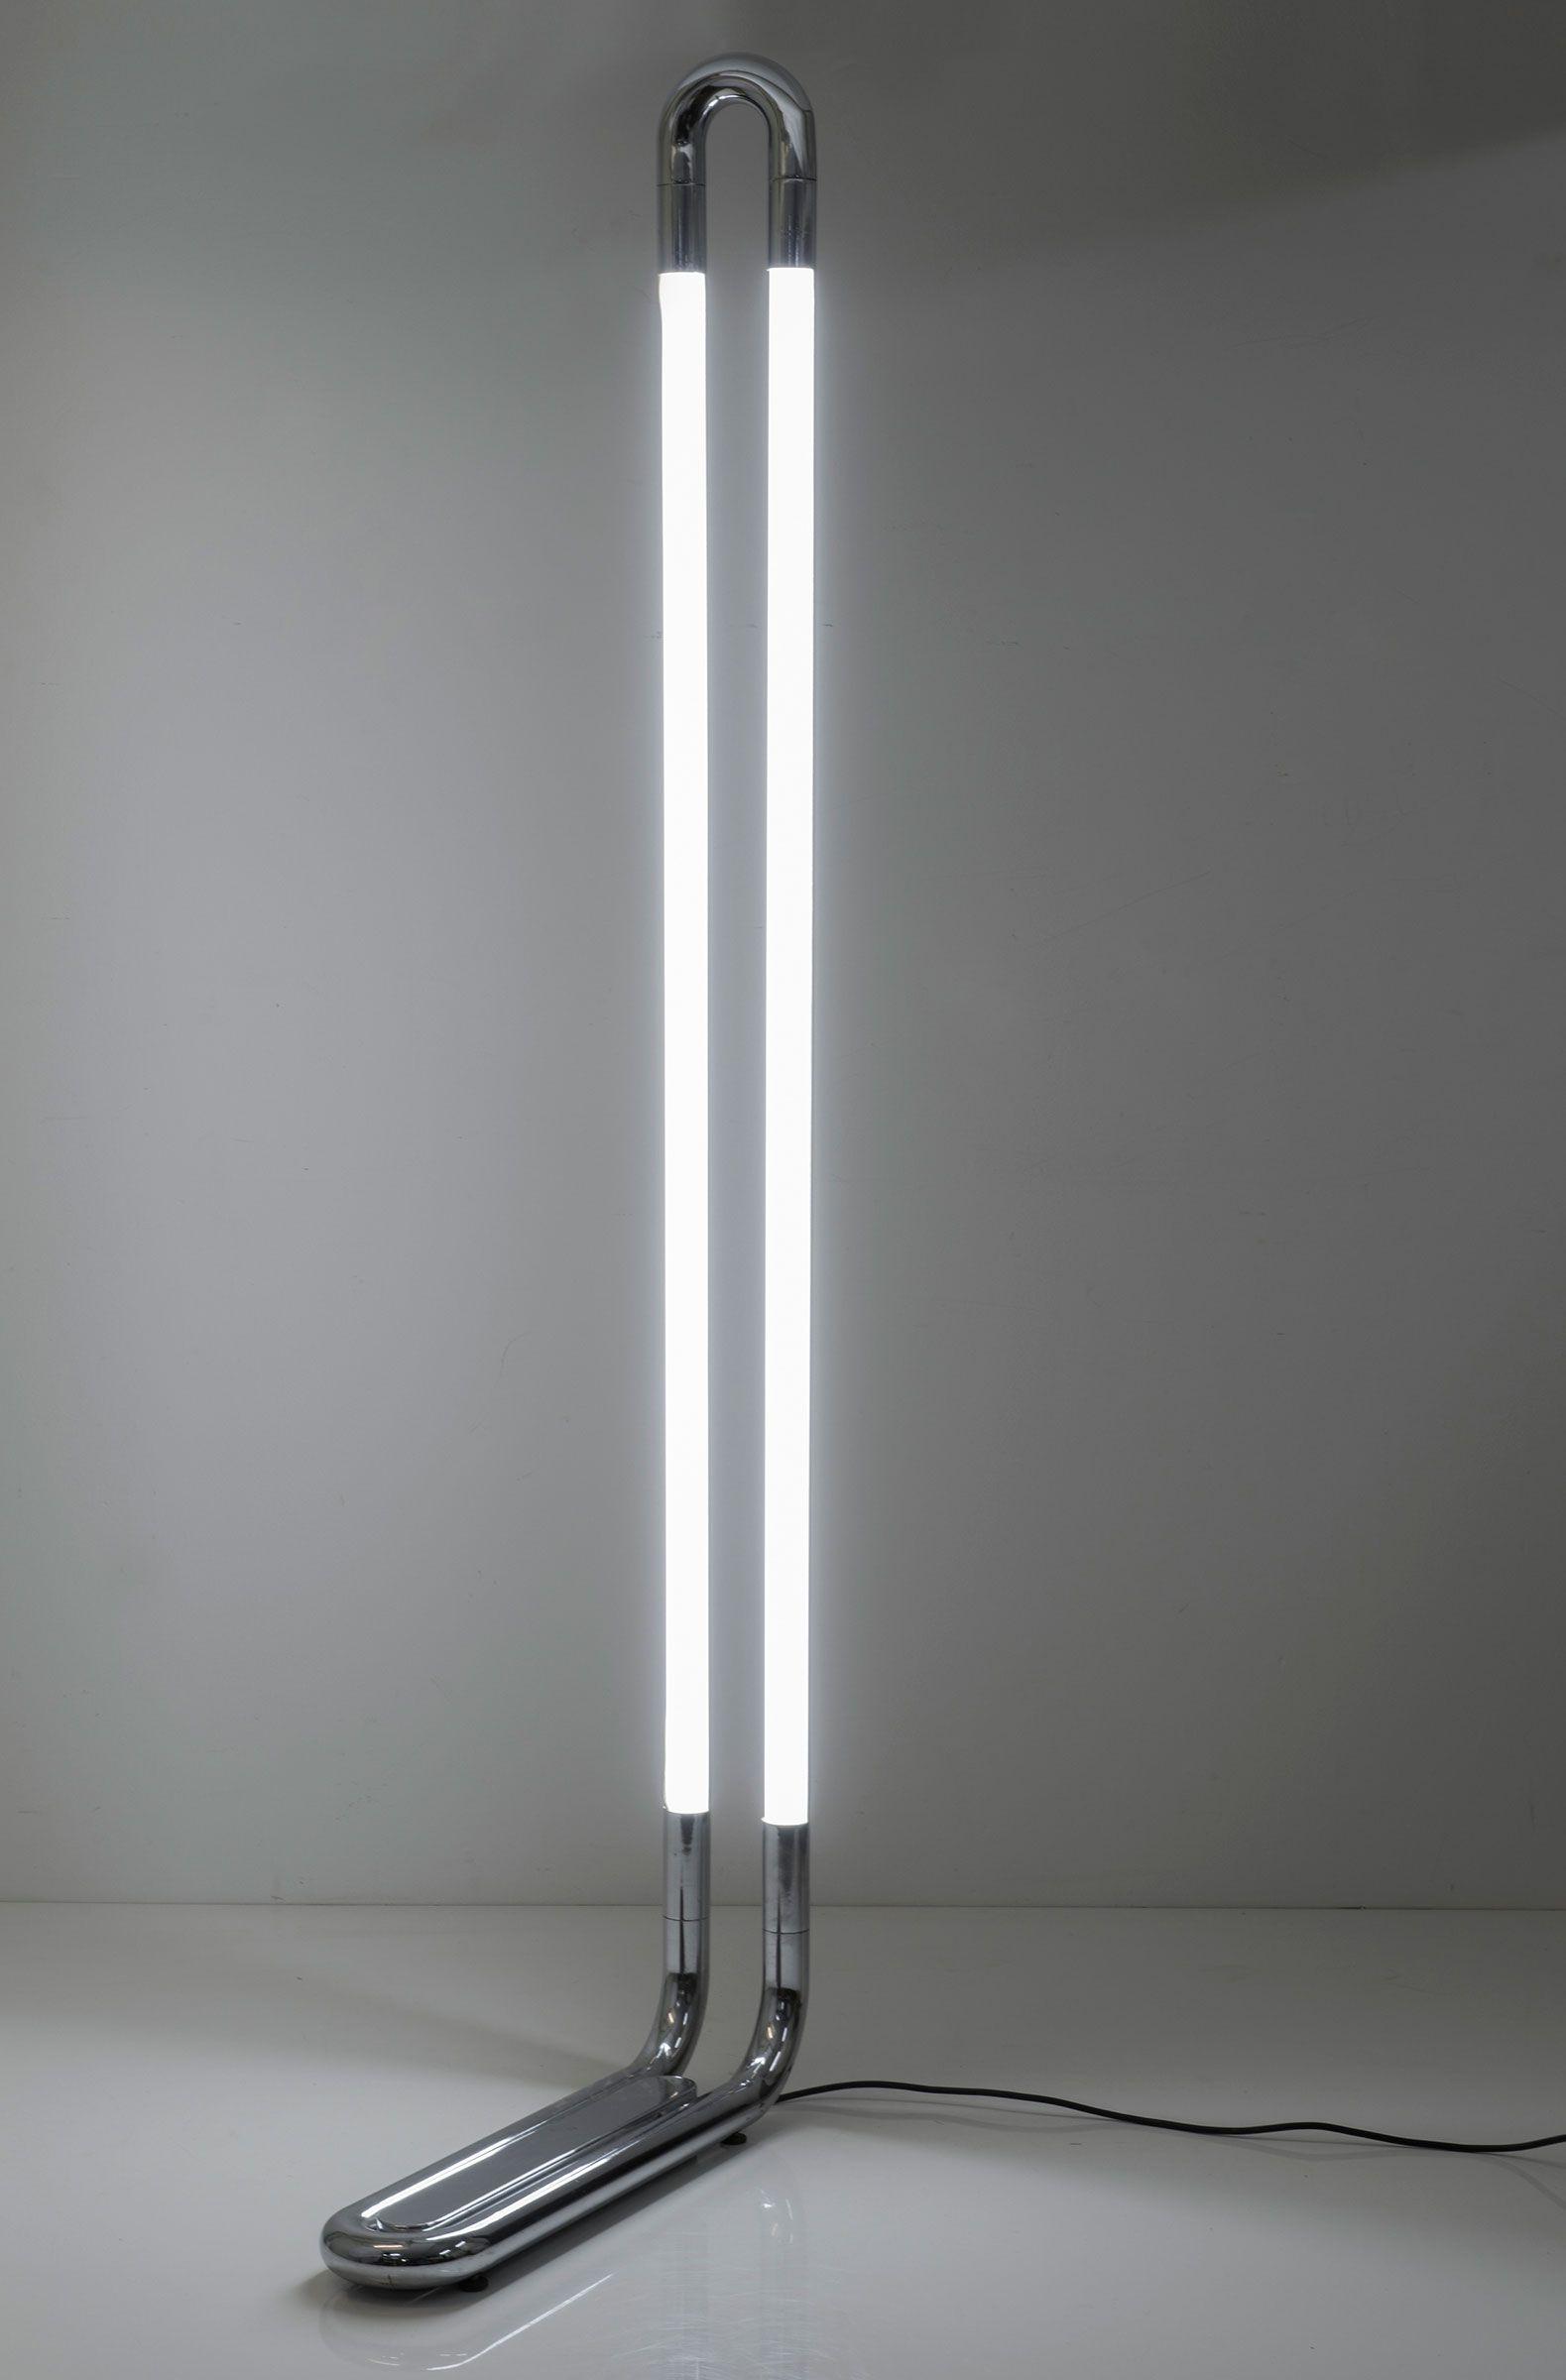 Aldo Van Den Nieuwelaar Chromed Metal Tc4 Floor Lamp For Domani